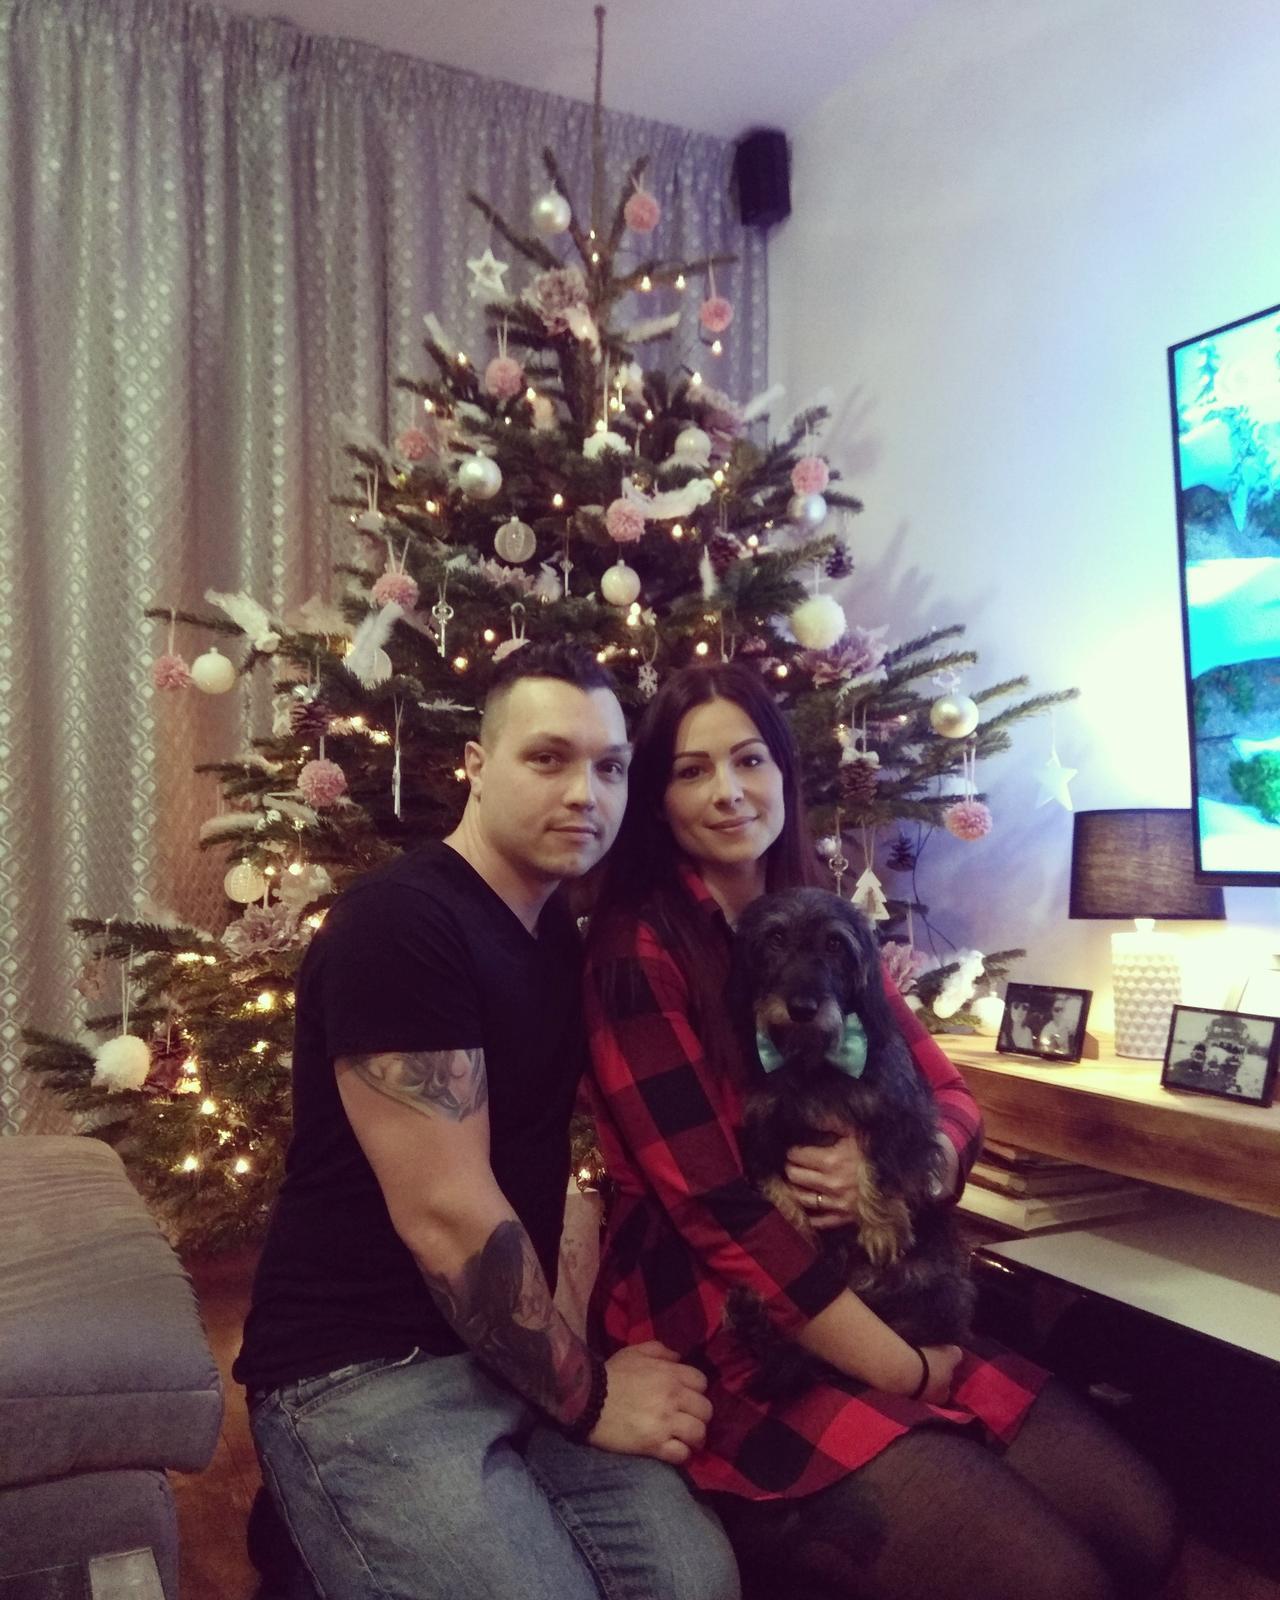 Náš domov :) - najväčší darček je môj manžel a nás psí miláčik 😍